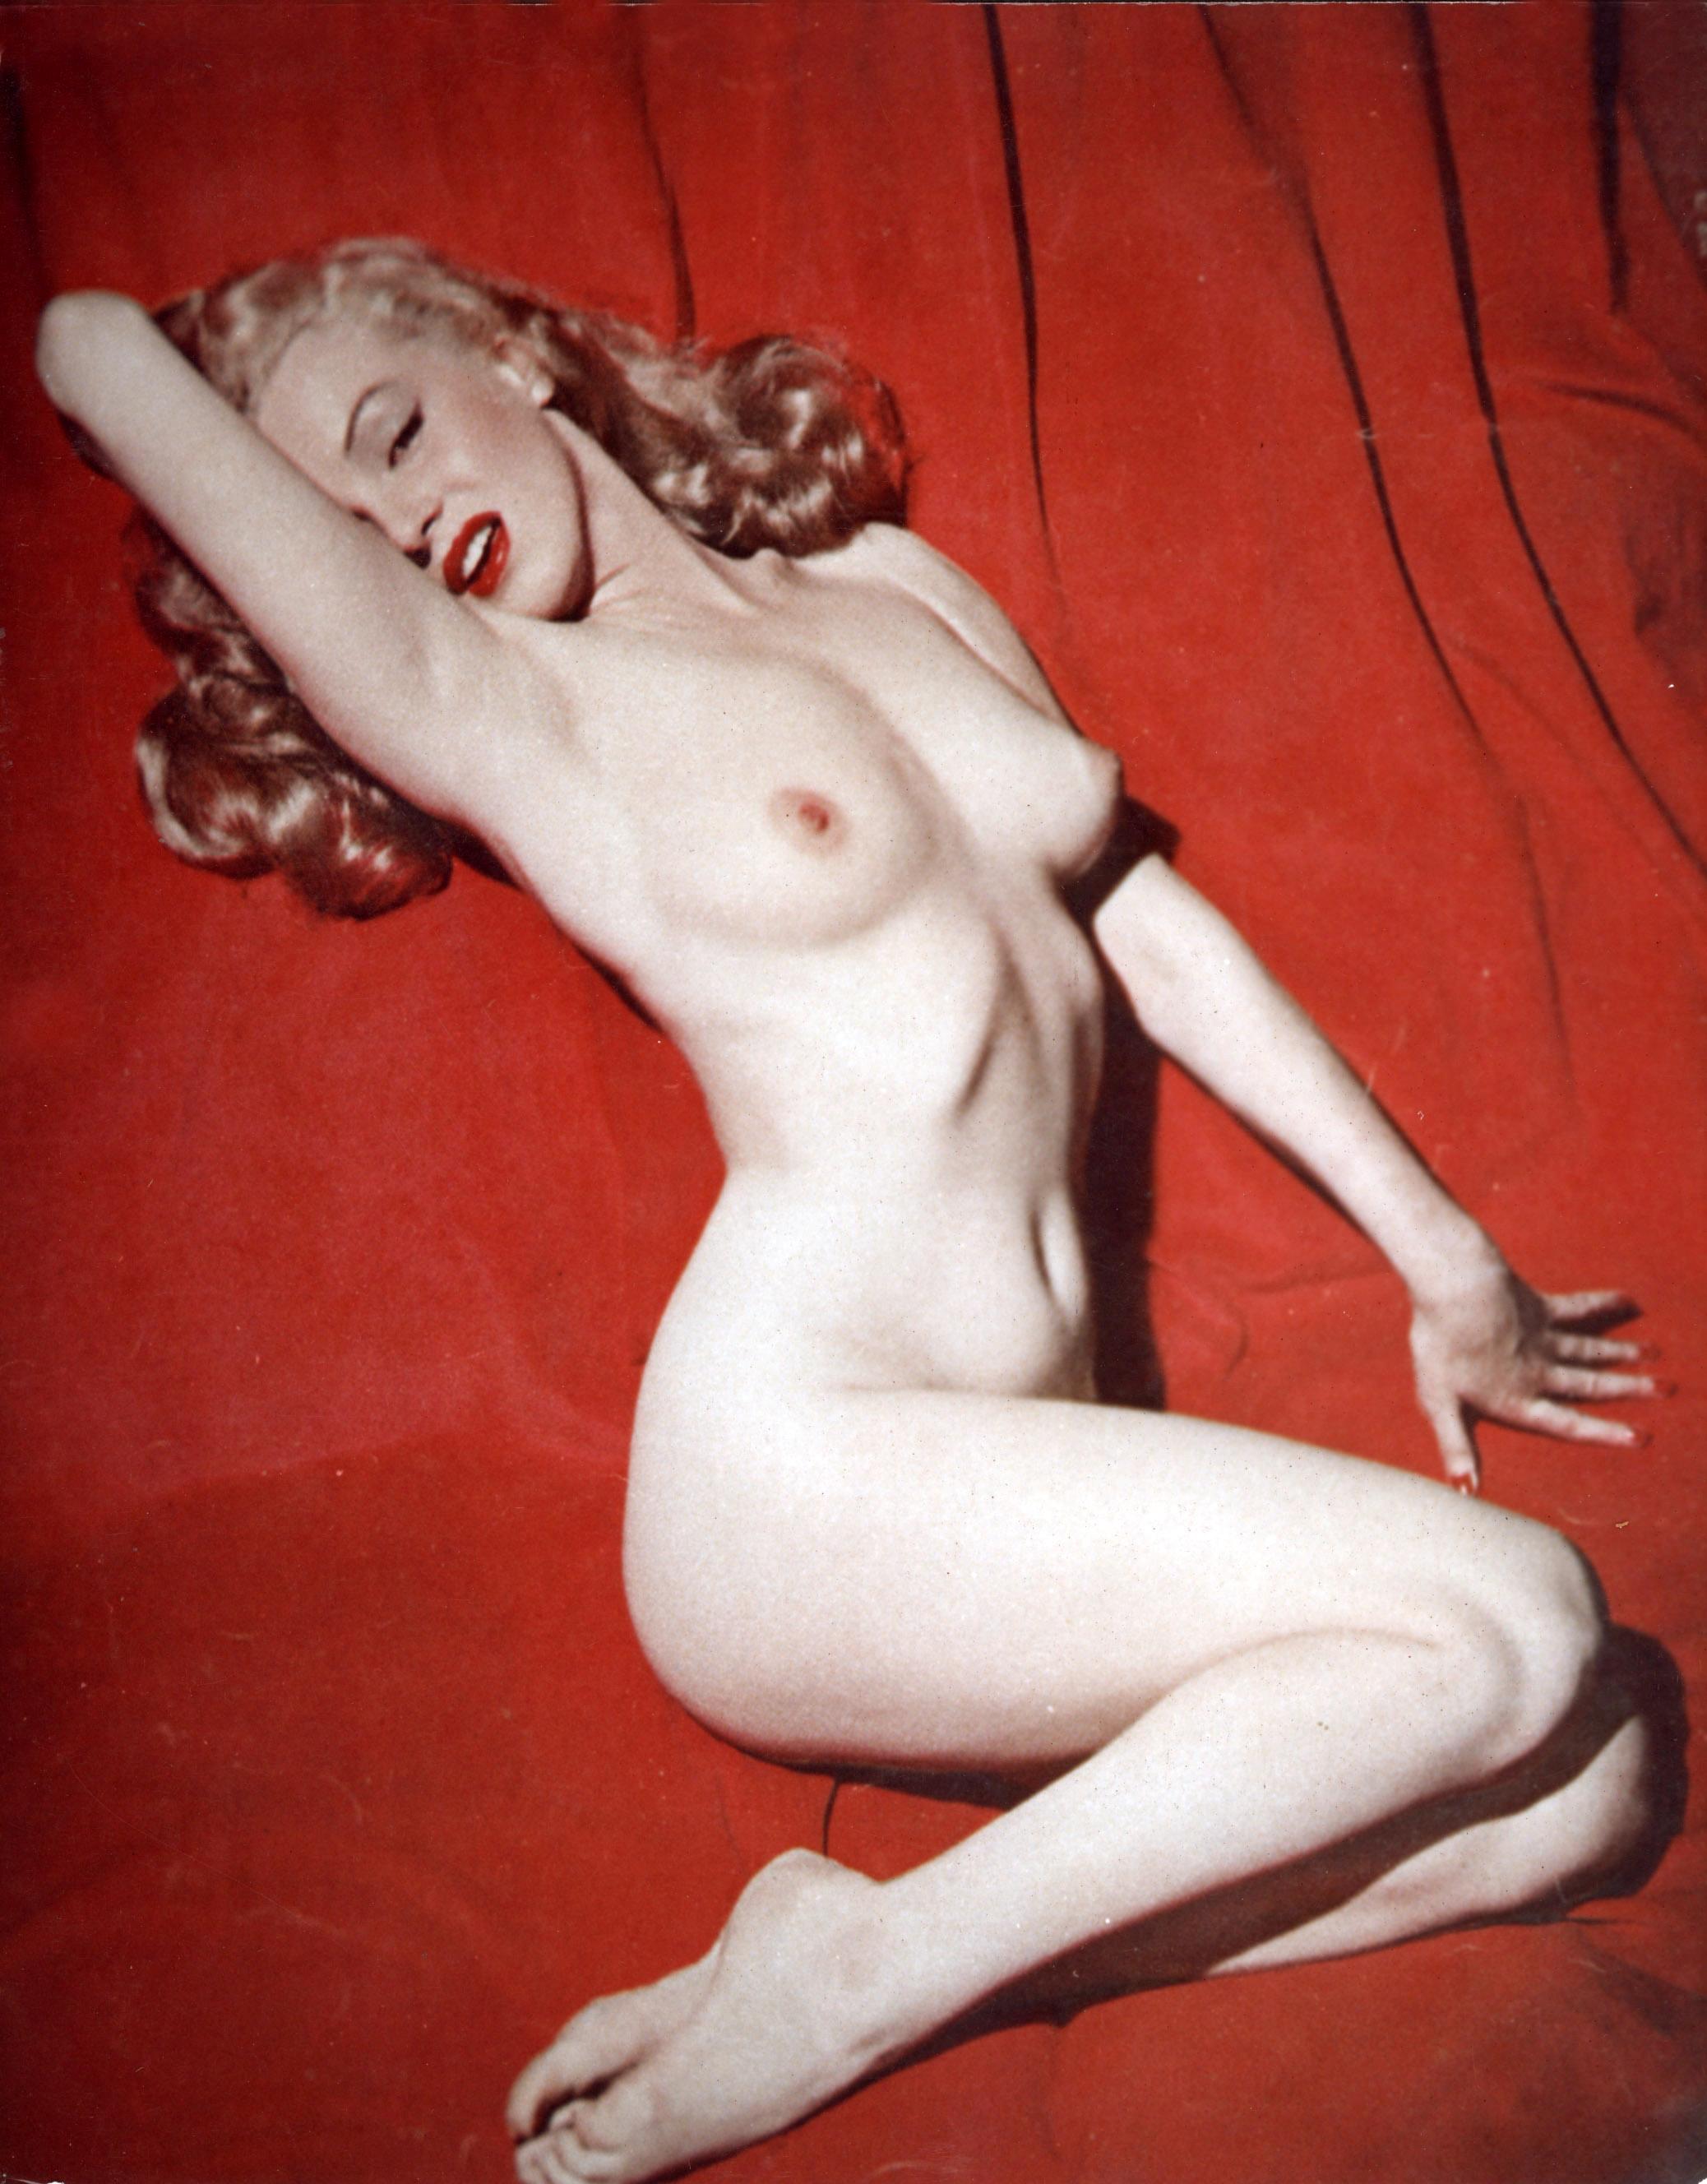 vintage leszbikus akt nagy kövér fekete nedves punci